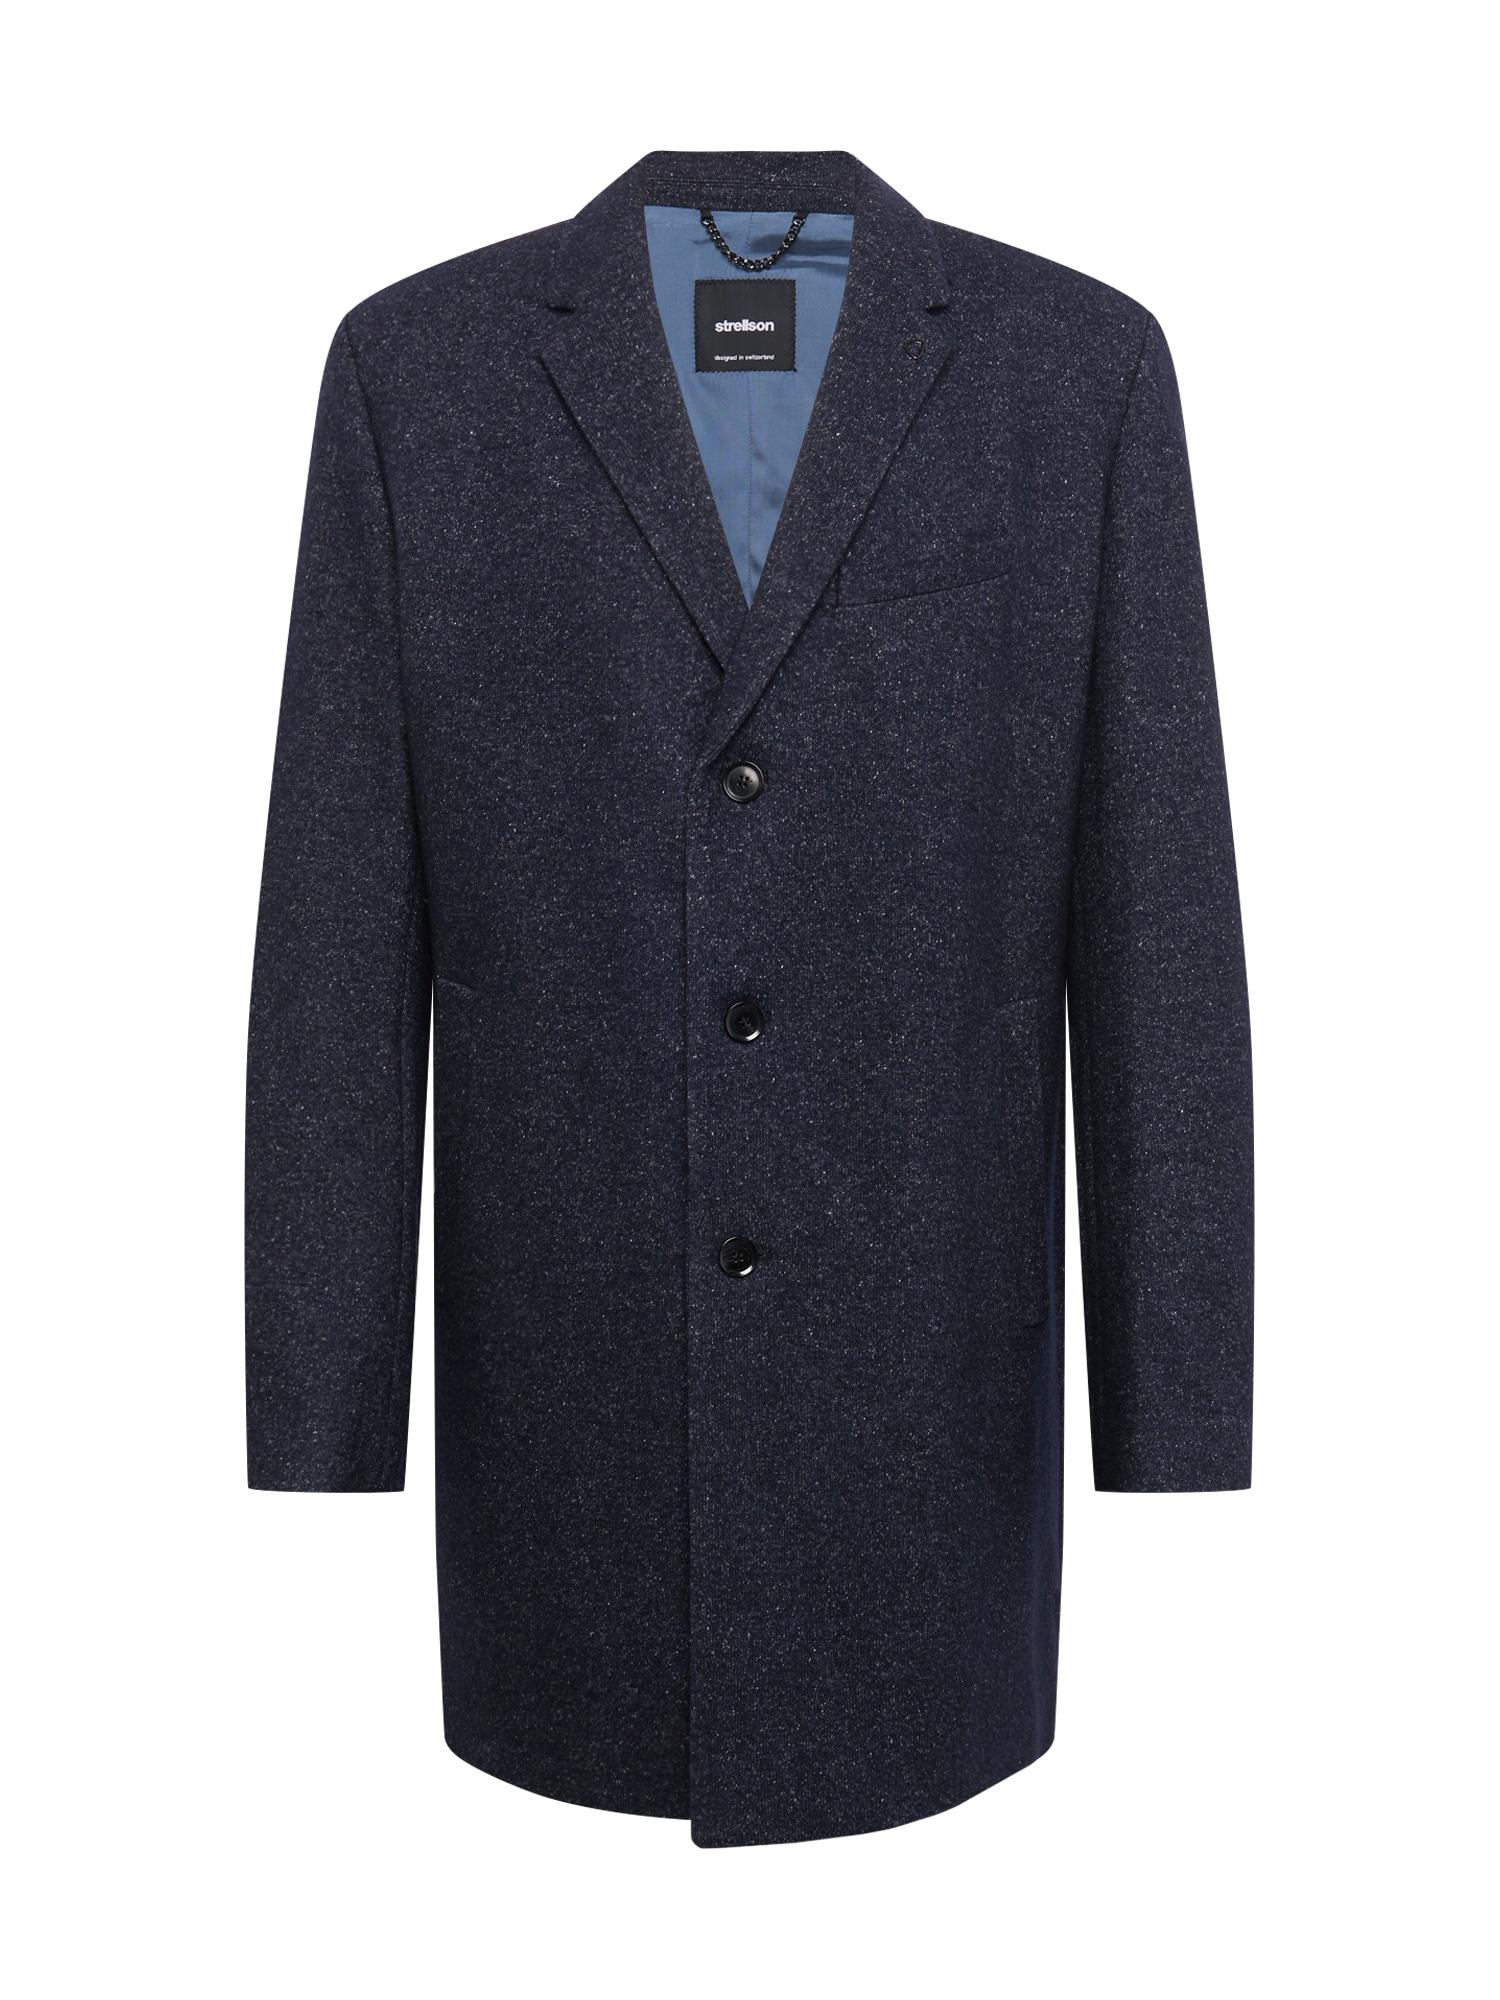 STRELLSON Rudeninis-žieminis paltas 'High Street' tamsiai mėlyna